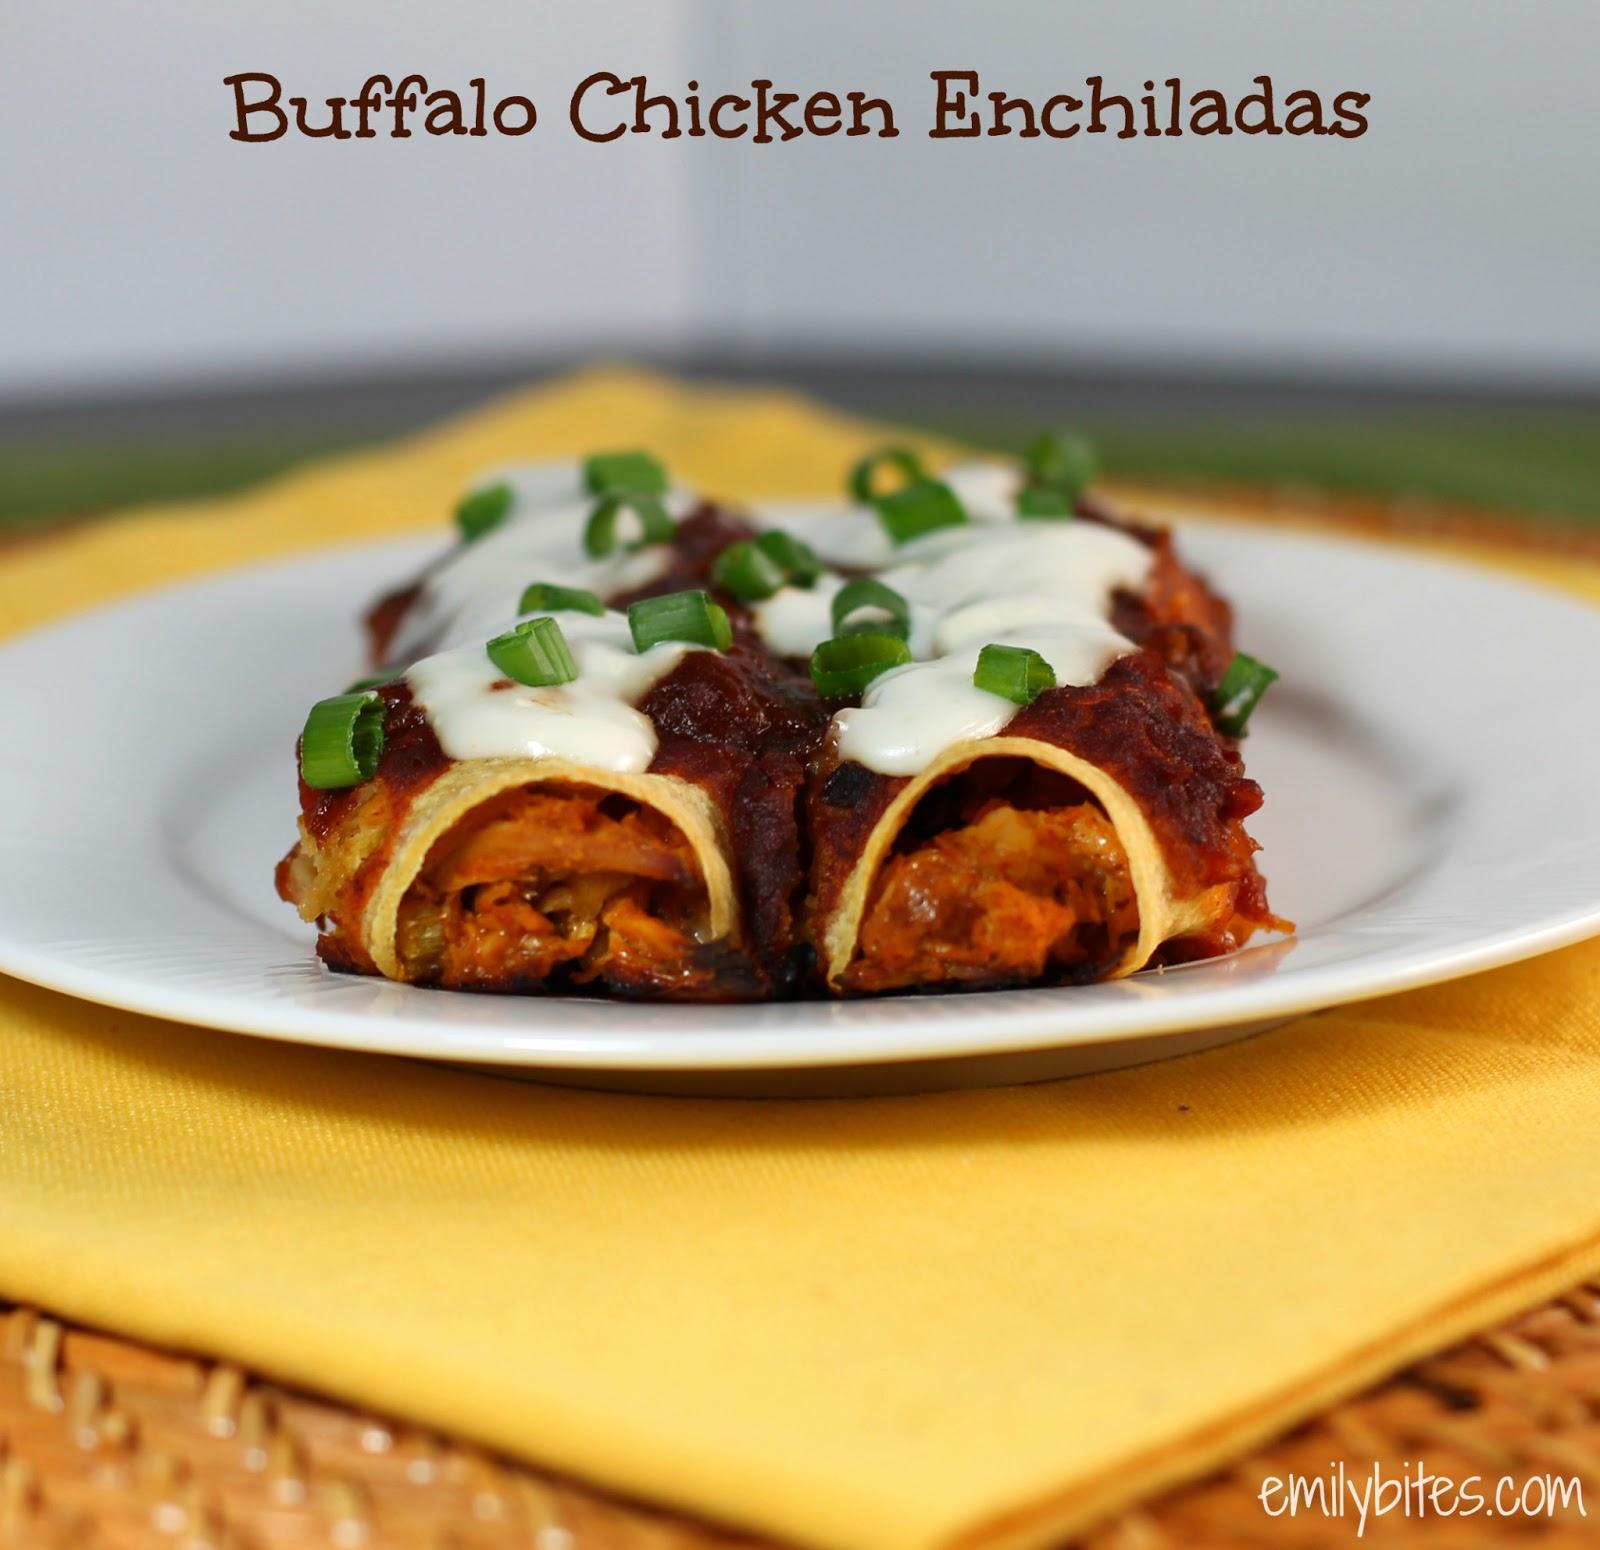 ... chicken chicken enchiladas verdes chicken enchiladas verdes chicken